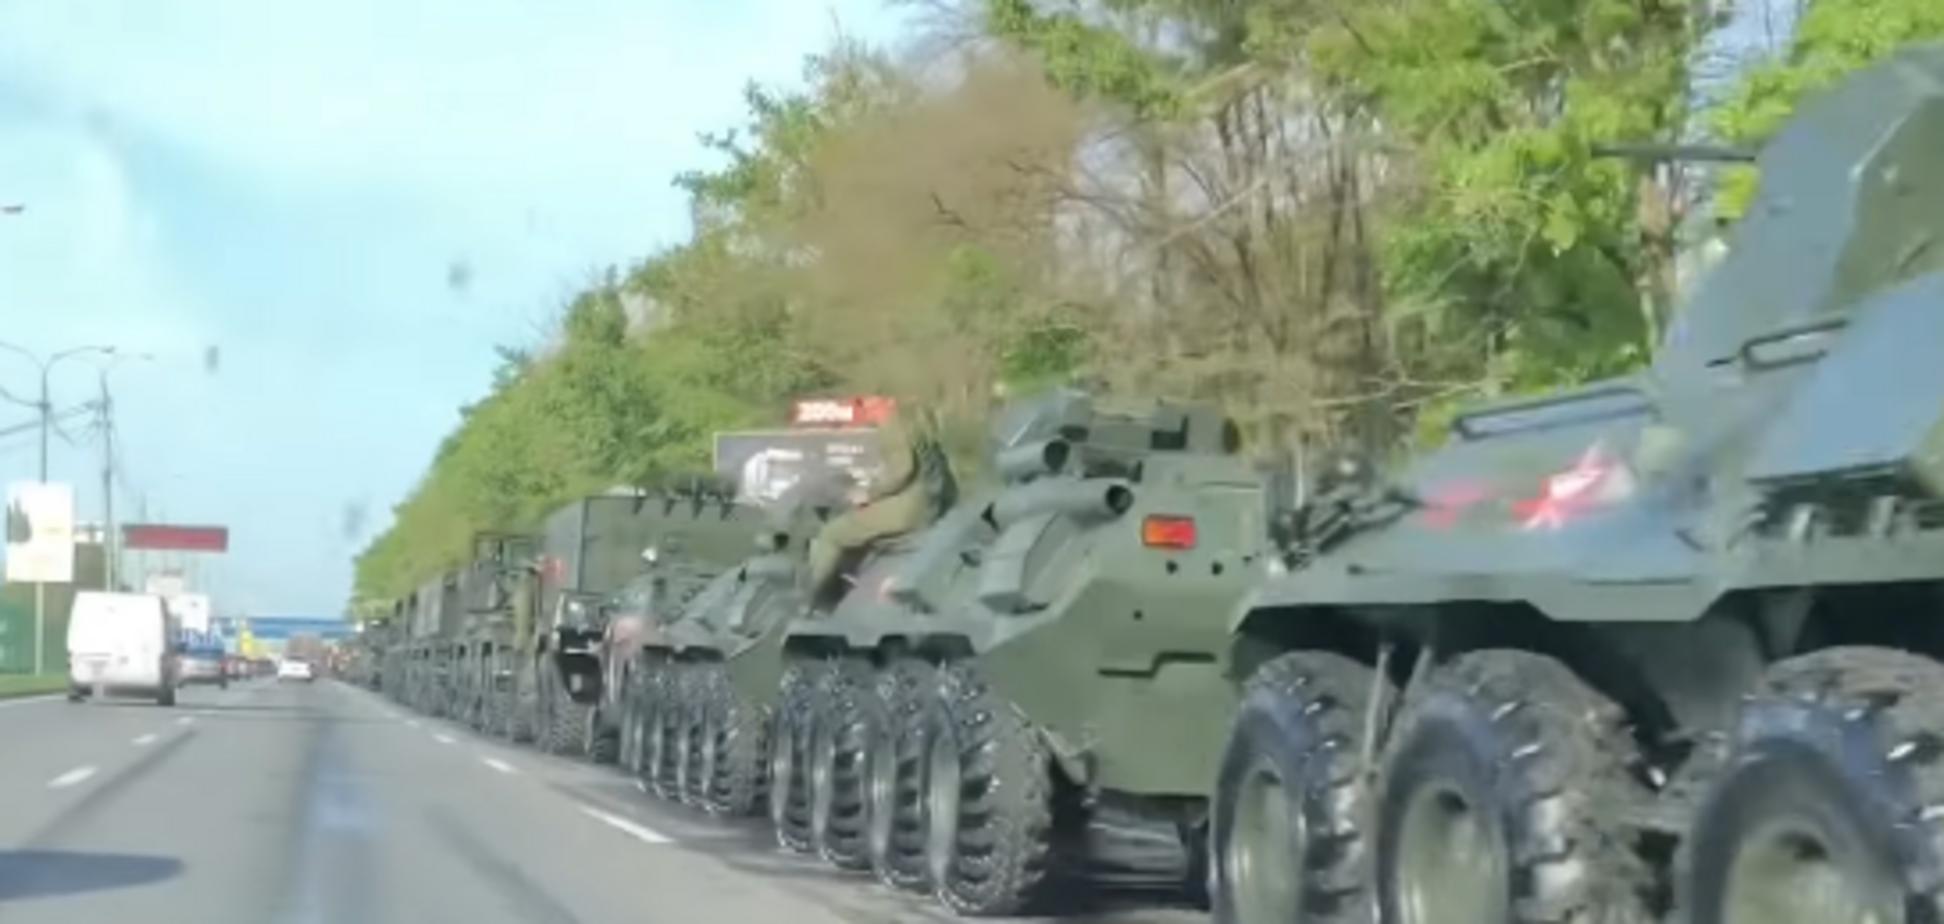 Недалеко от Украины замечена огромная колонна военной техники РФ: опубликовано видео